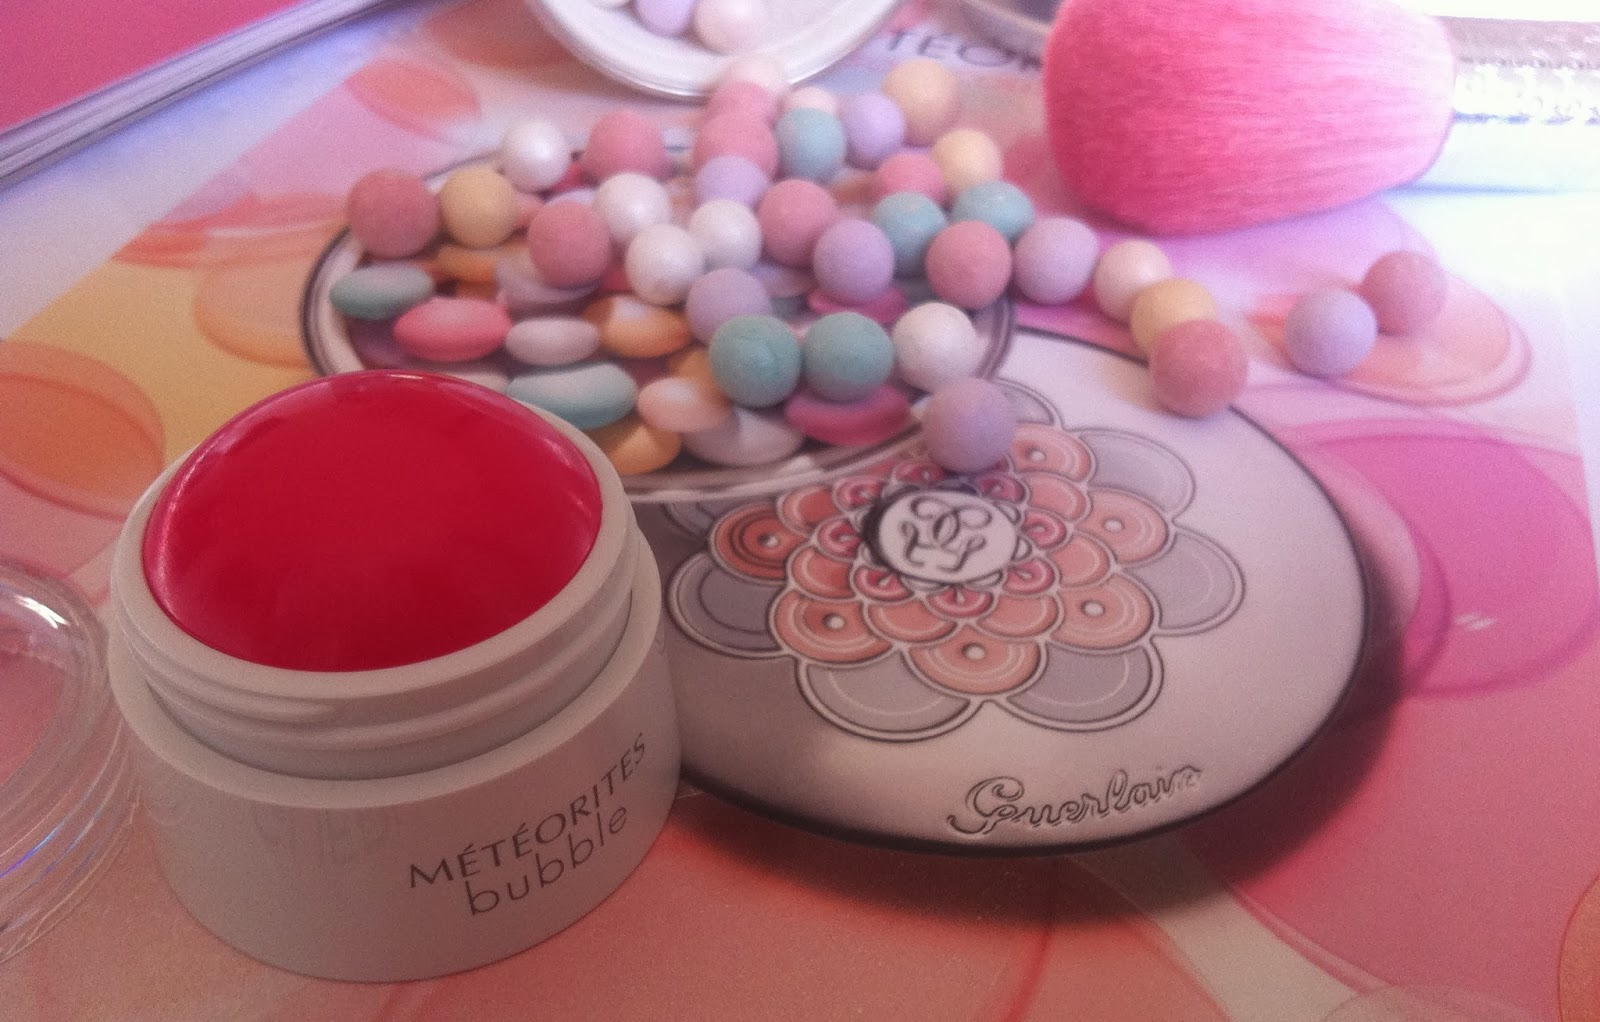 Guerlain make up spring 2014 Météorites Blossom Collection, météorites pinceau poudre, météorites bubble blush cherry